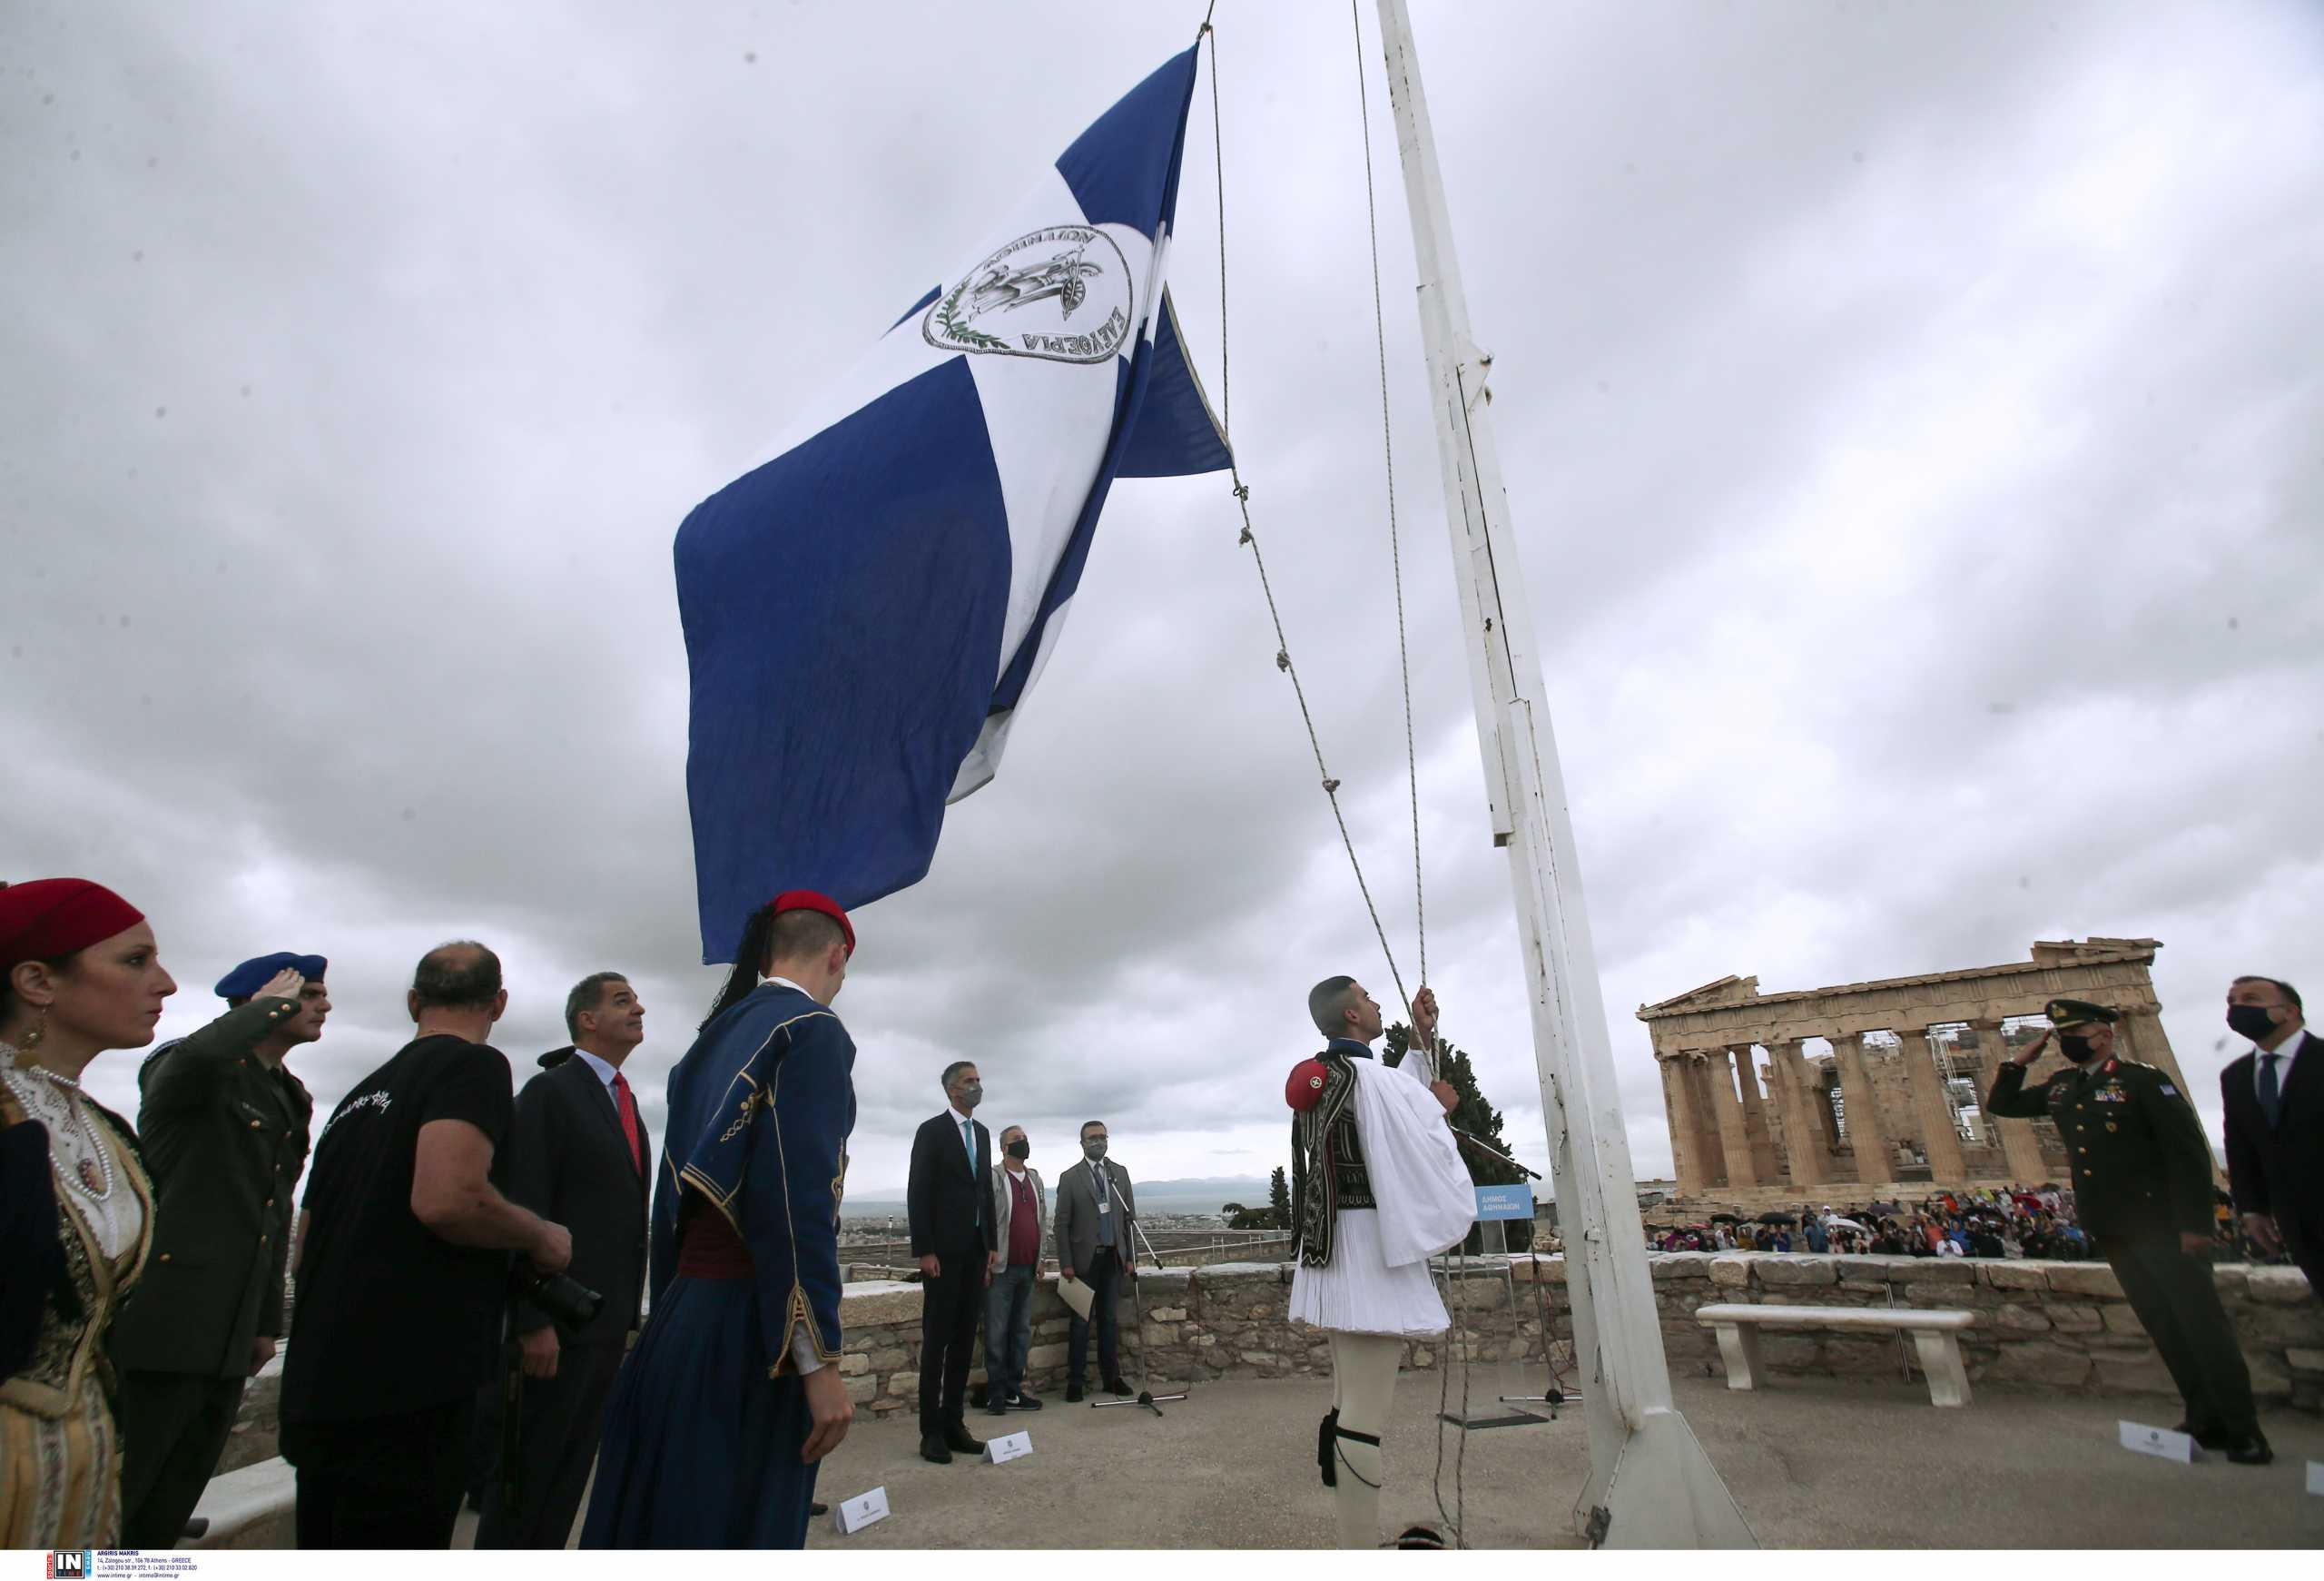 Έπαρση της σημαίας στην Ακρόπολη για τα 77 χρόνια από την απελευθέρωση της Αθήνας